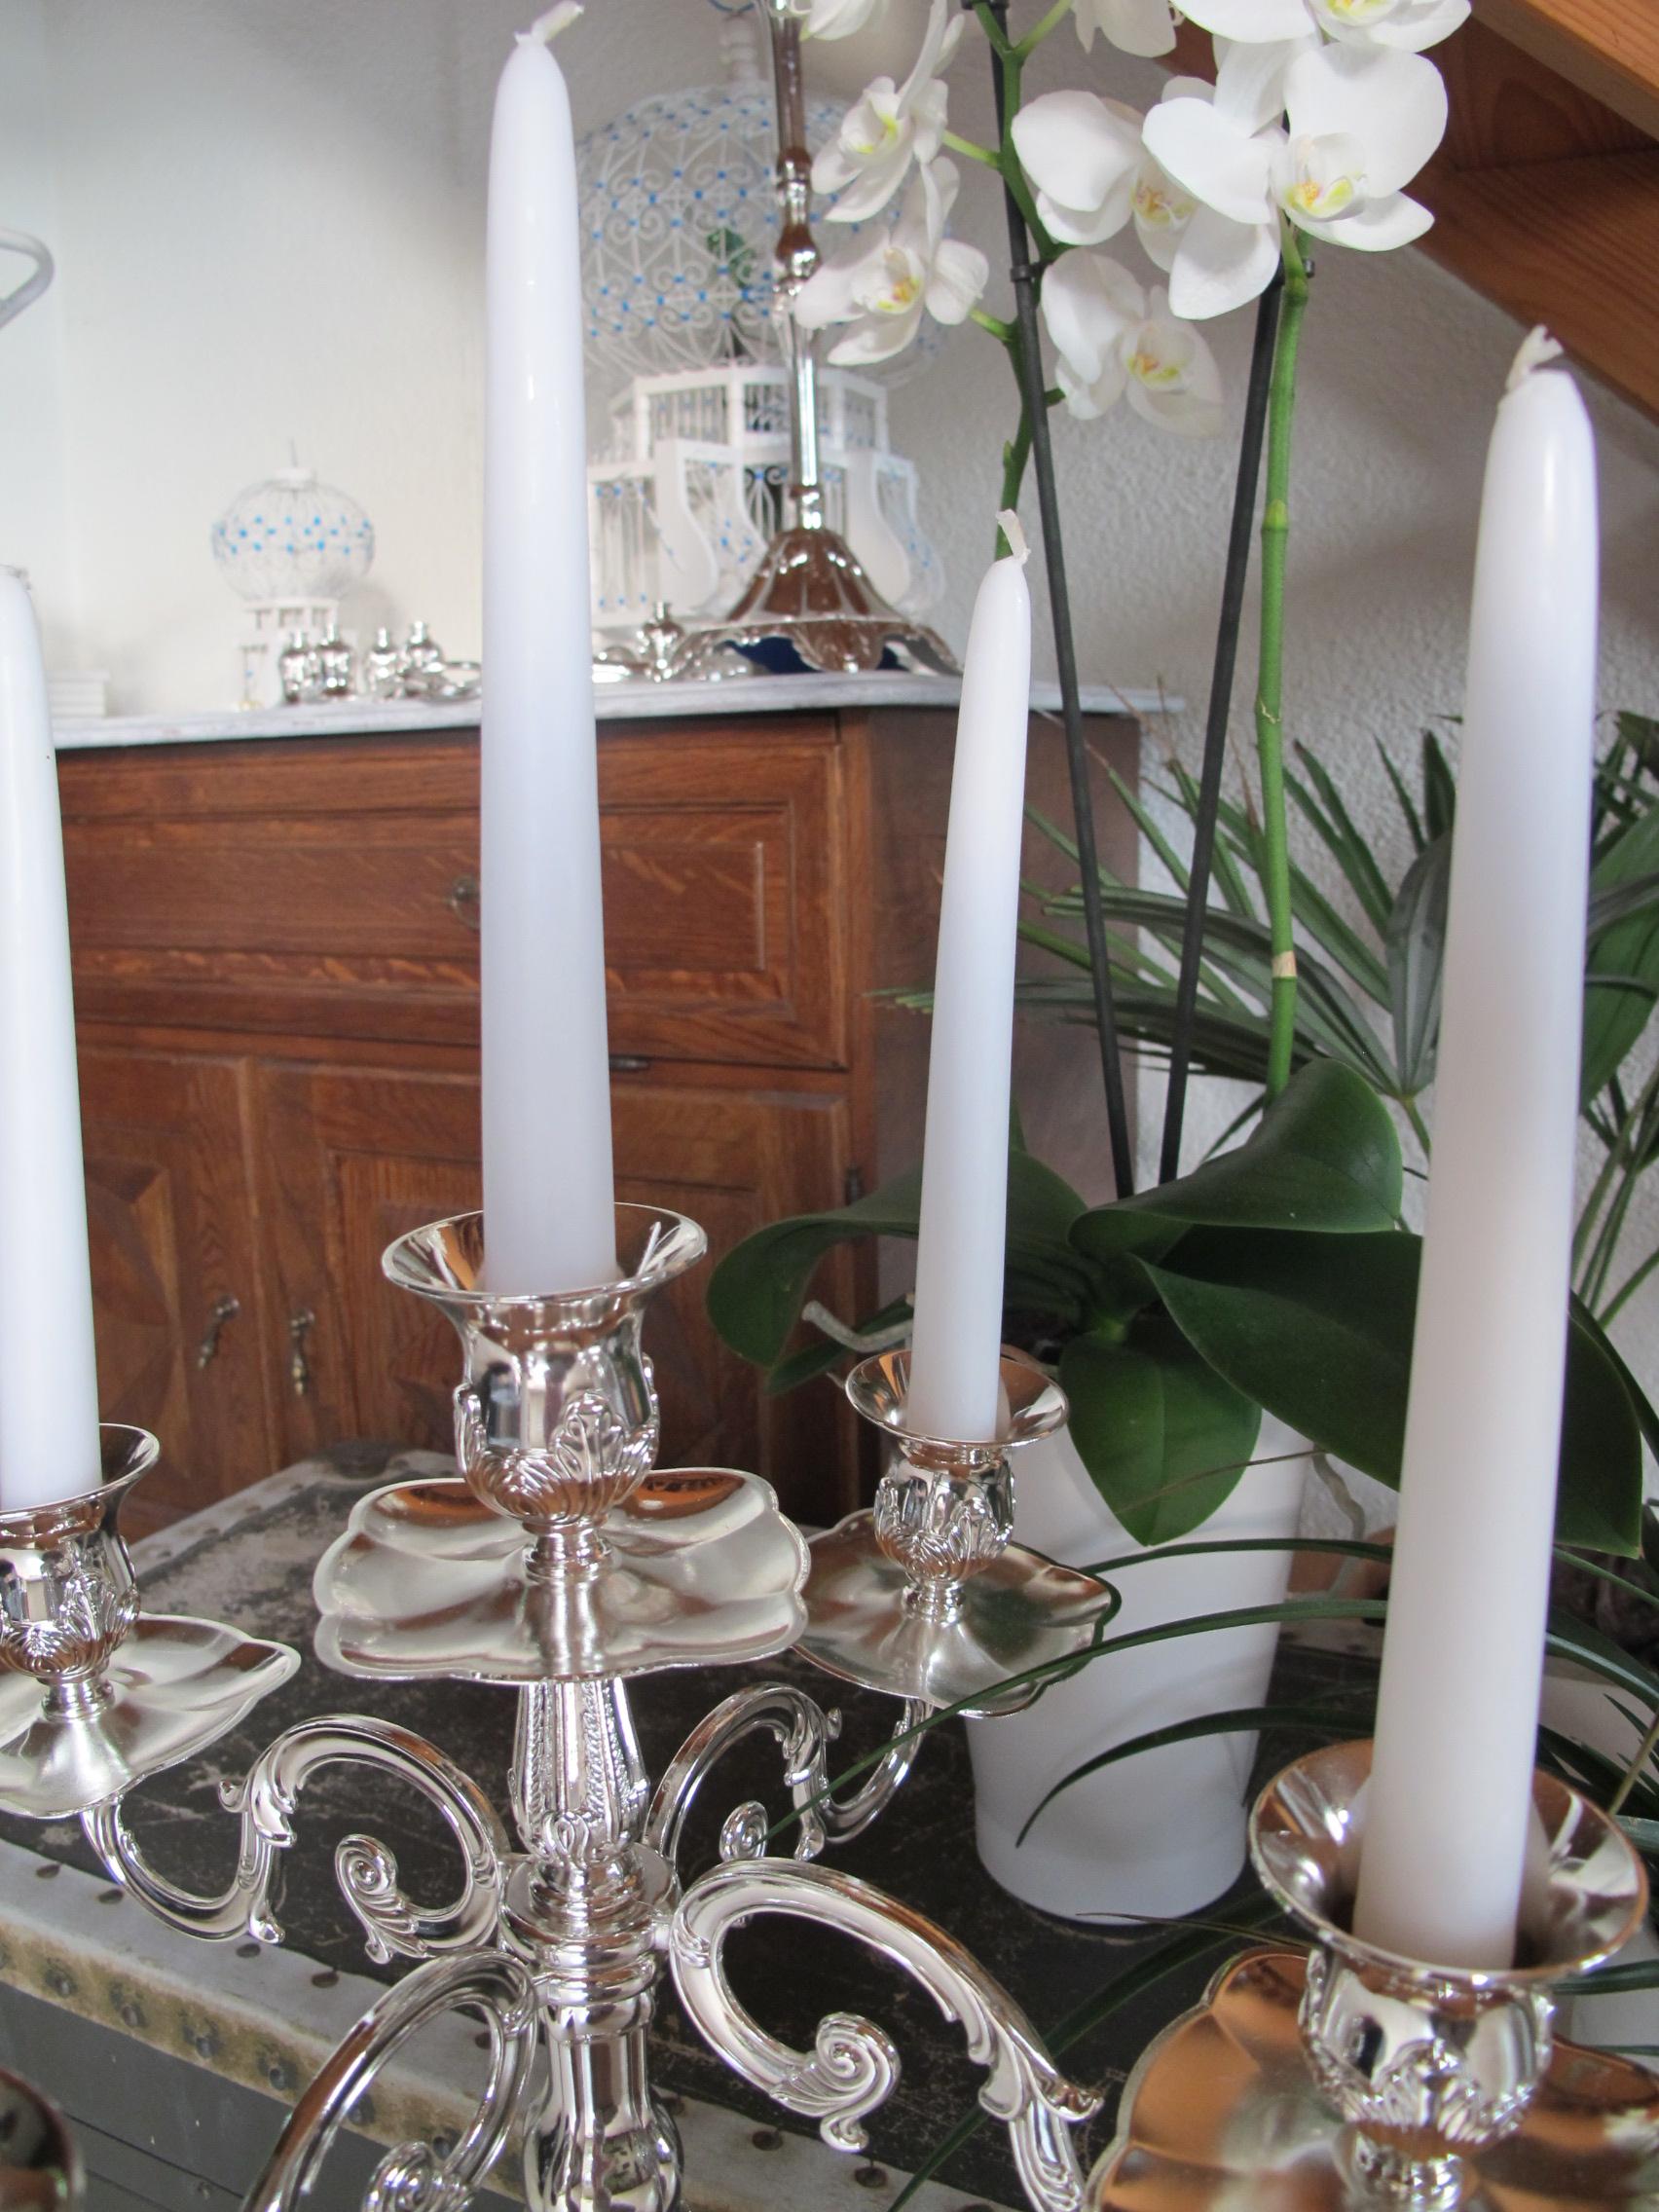 kerzen leuchter 5 armig dekotella. Black Bedroom Furniture Sets. Home Design Ideas